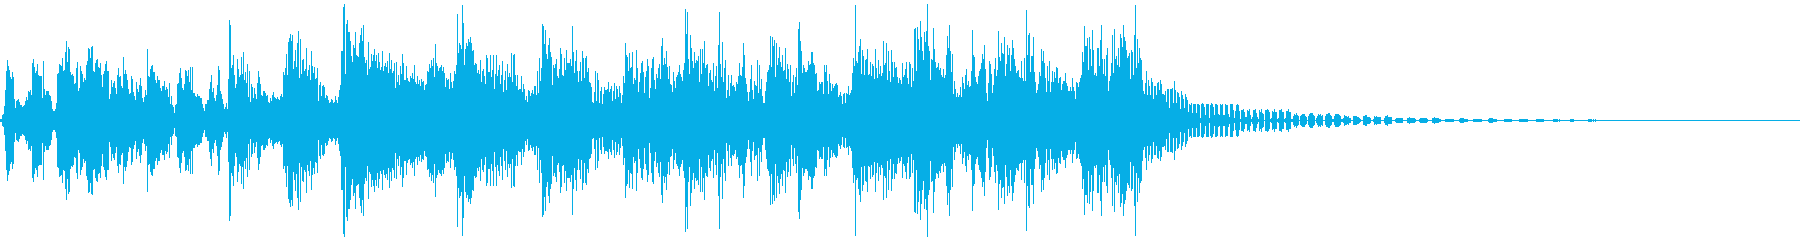 ラジオジングル、ファンク、スクラッチの再生済みの波形